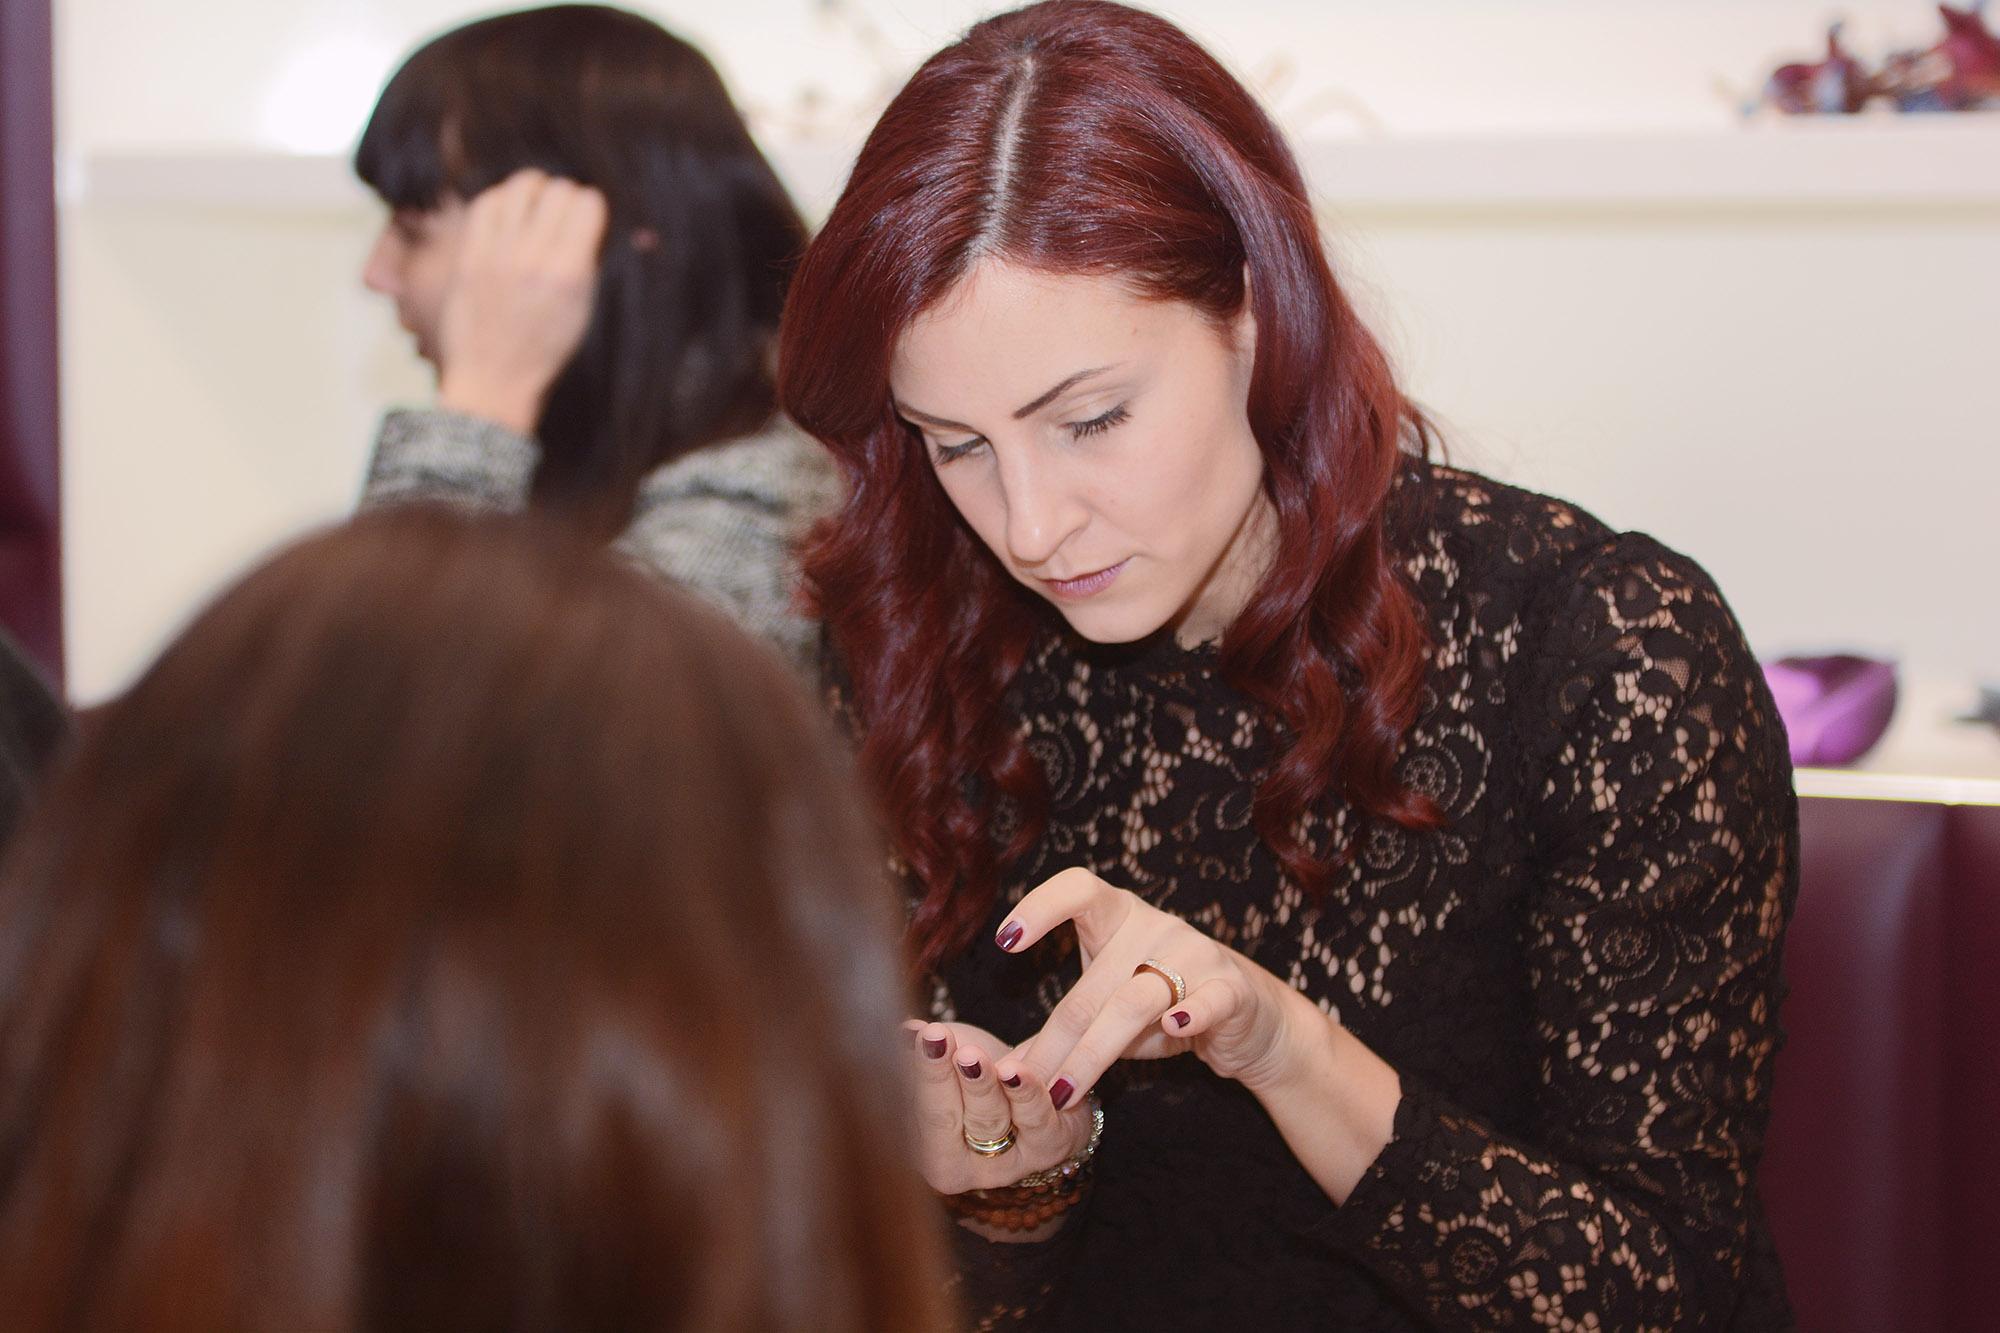 Petra Cutuk Vjeruj Traži Manifestiraj Zdravlje Meditacija Vježbe Disanja Samopouzdanje Posao Manifestiraj Rijeka Promjena Izazov